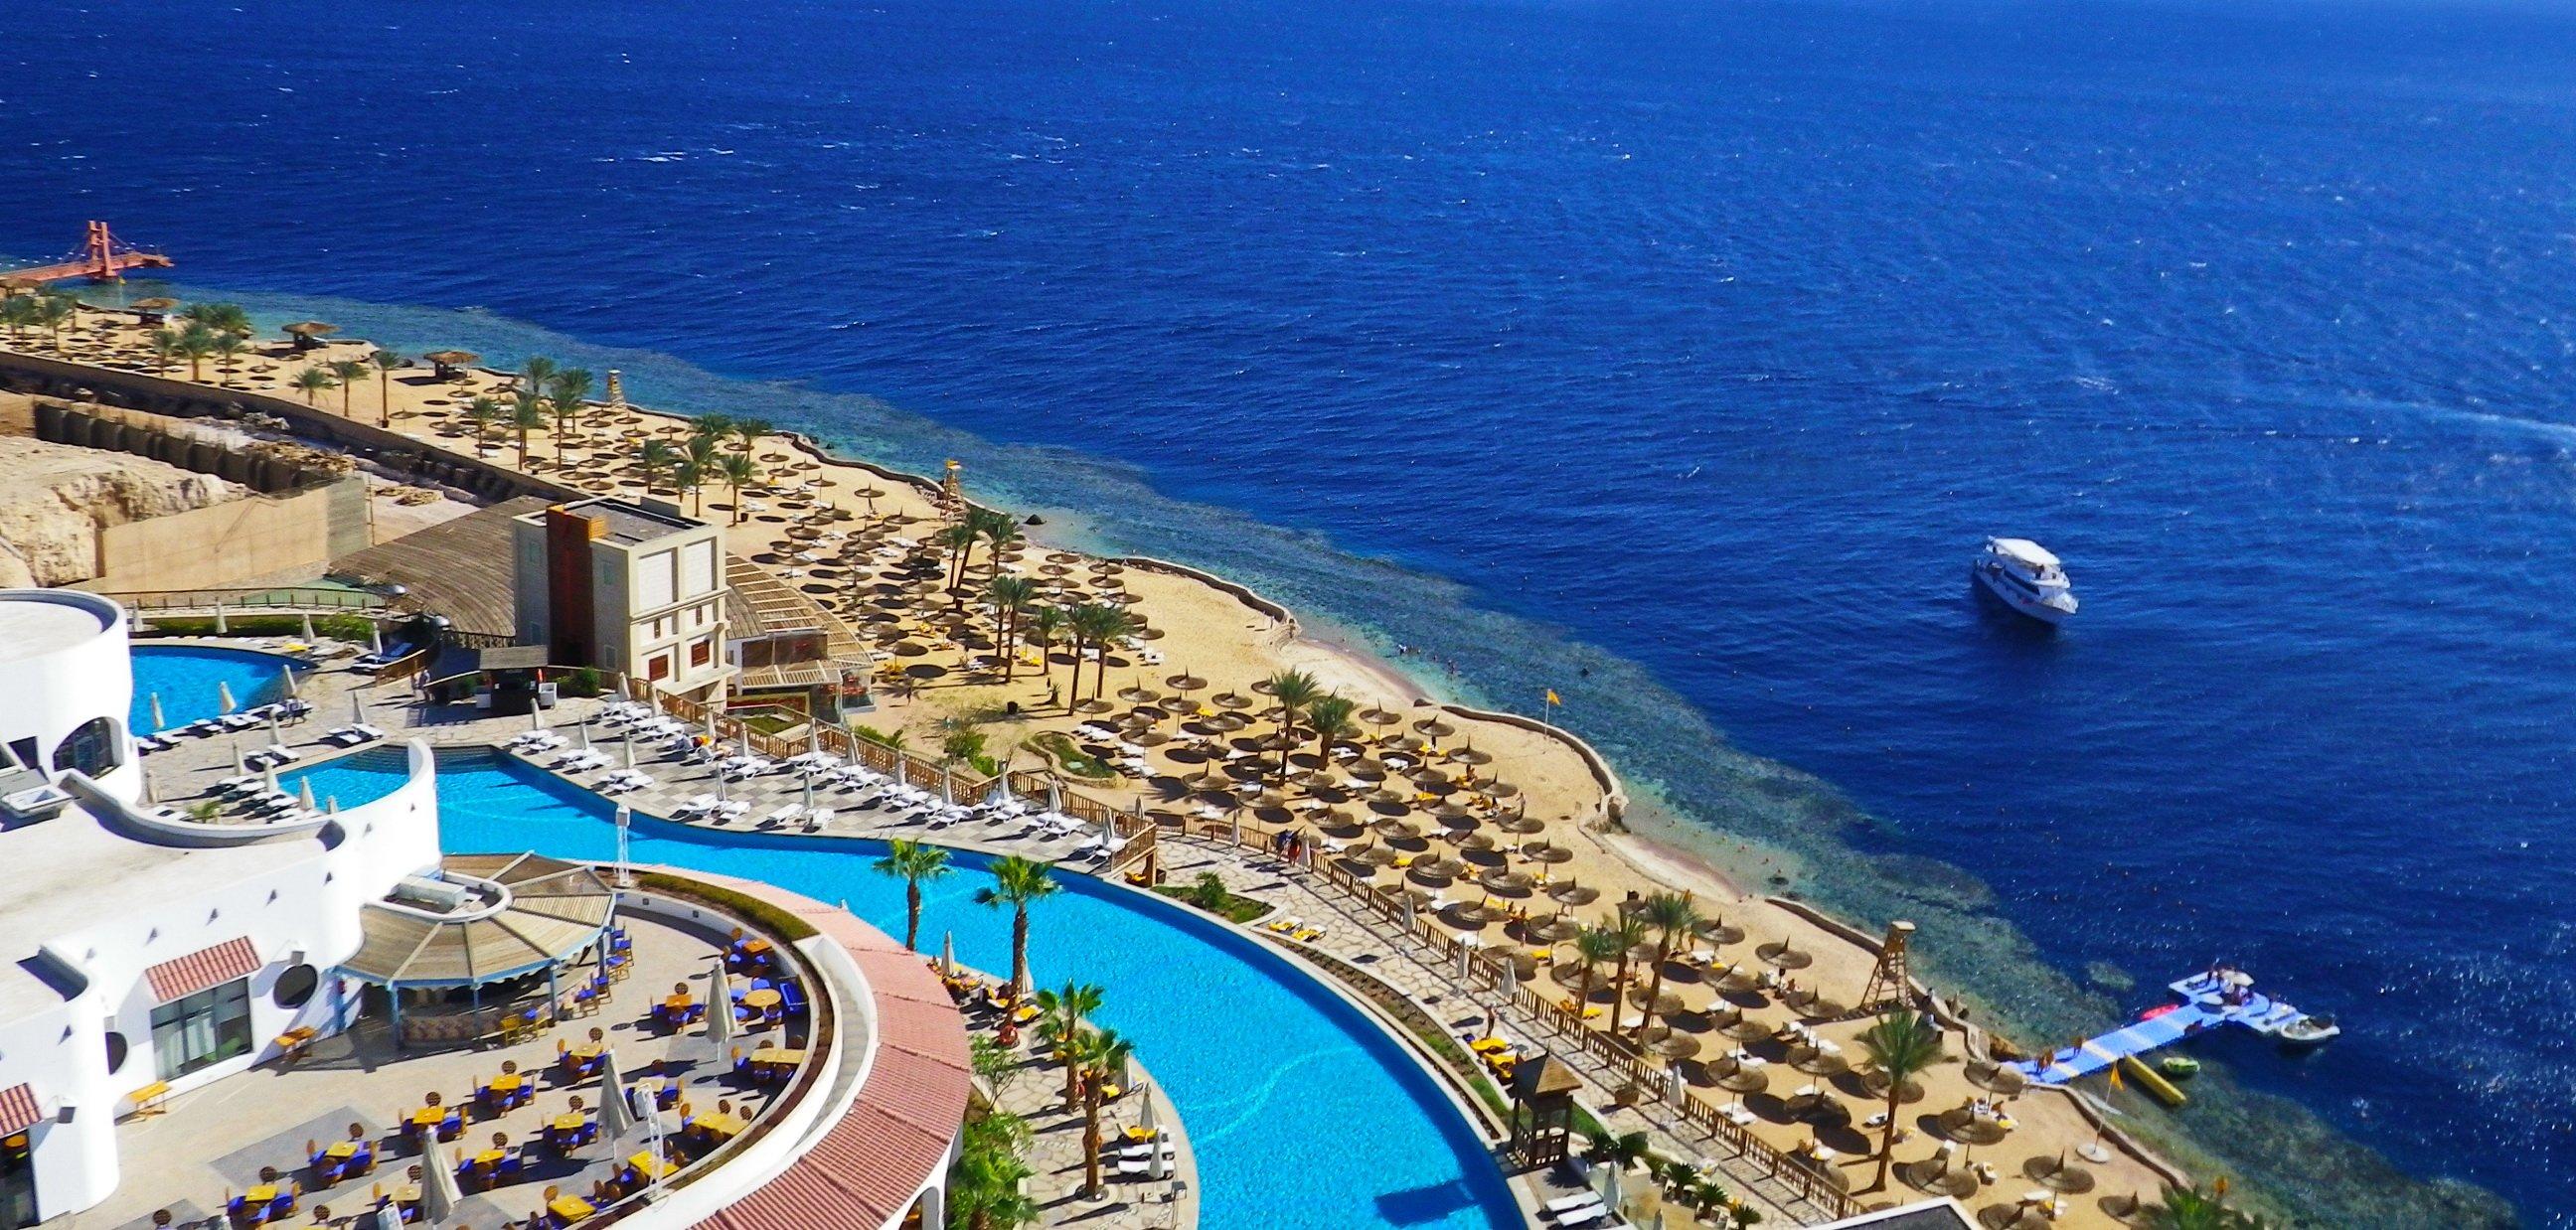 VALTUR SHARM REEF OASIS BLUE BAY | Sharm el Sheikh